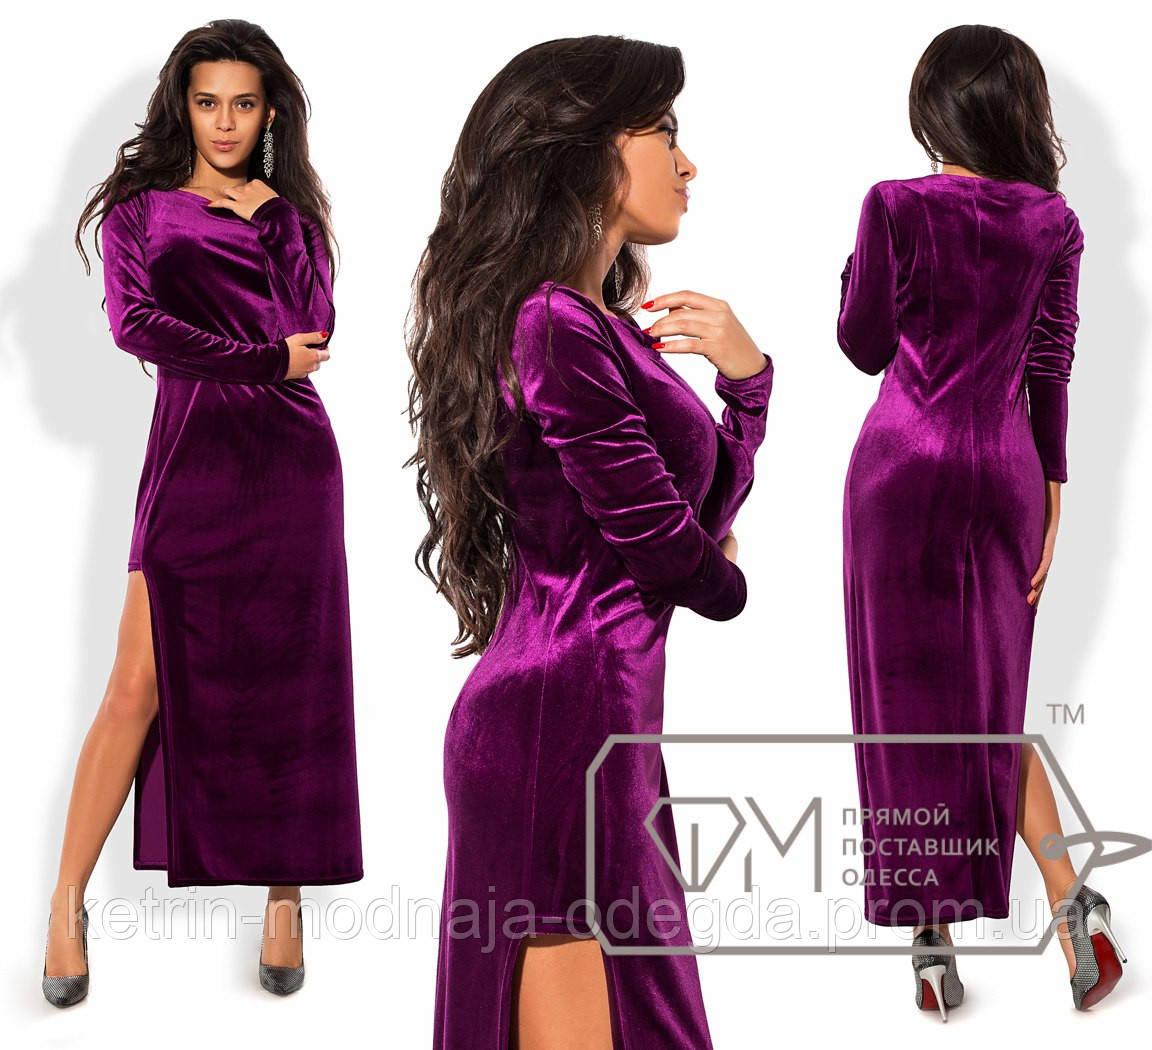 a95c7571c0a7a30 Красивое длинное бархатное платье в пол с разрезом - Кетрин модная одежда в  Никополе